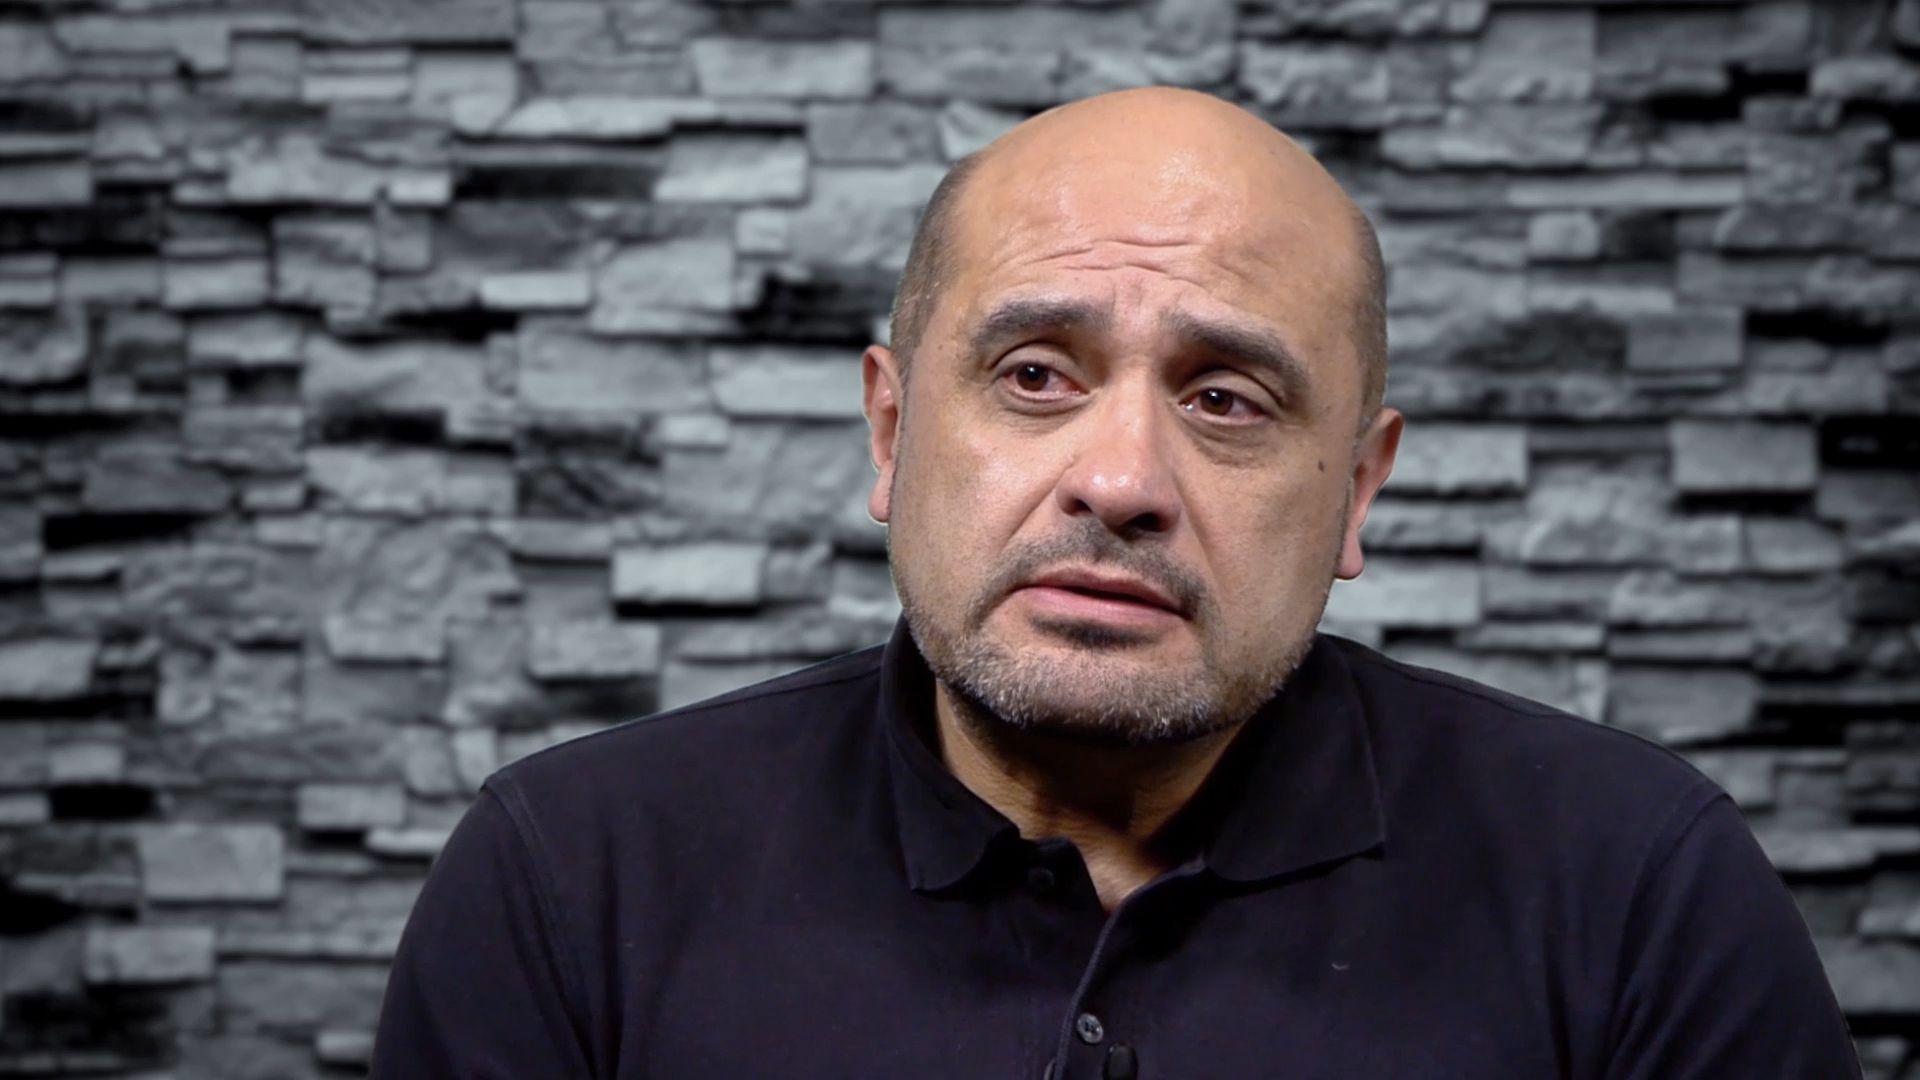 Francisco Giménez, el abogado que representa a las víctimas y es querellante en la causa contra Melella (Lihueel Althabe)